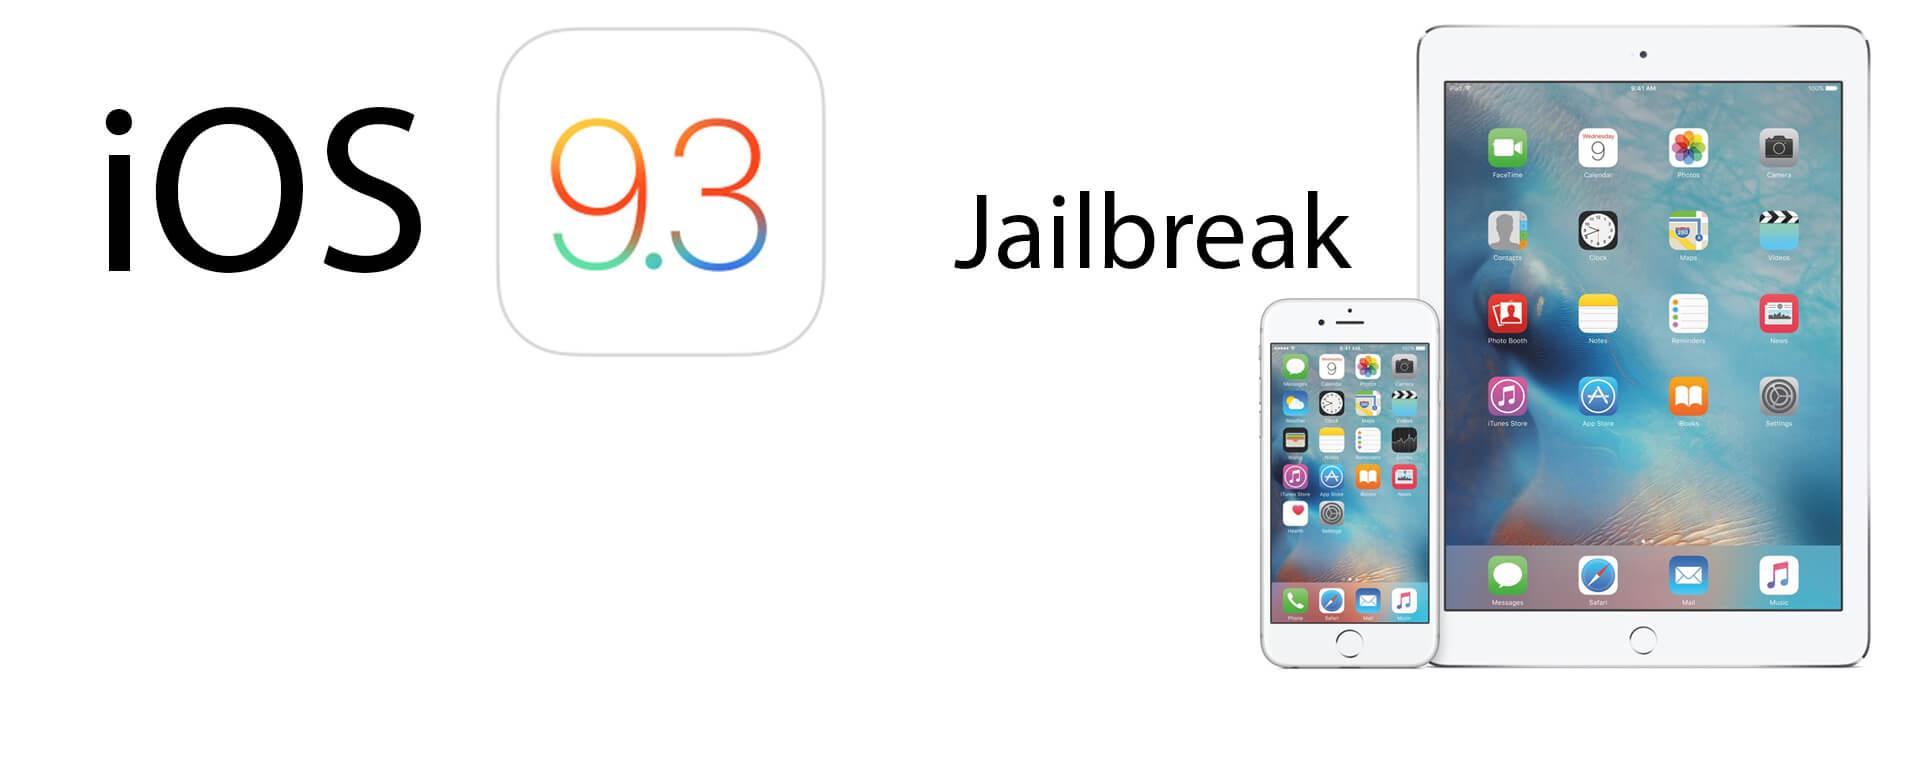 iOS-9.3-Jailbroken